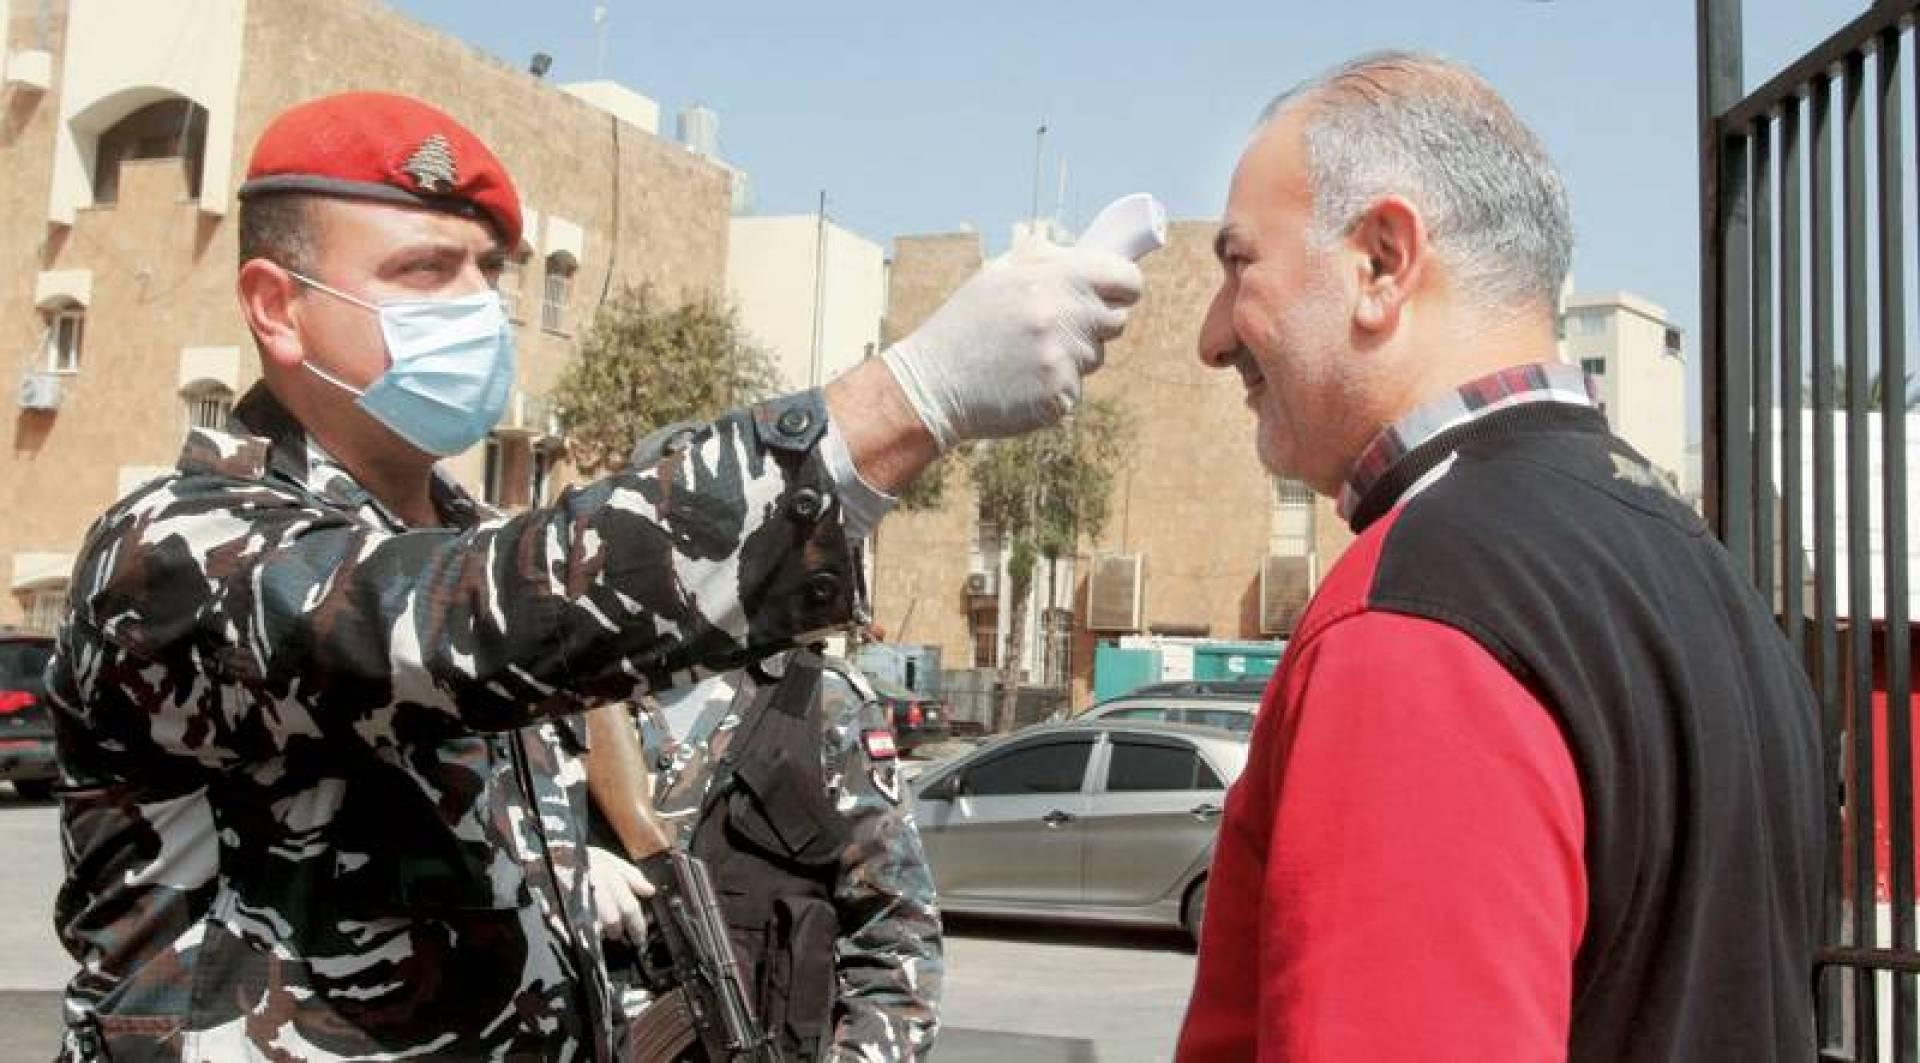 رجل أمن يفحص حرارة مراجع في السراي الحكومي بصيدا جنوبي لبنان (أ.ف.ب)